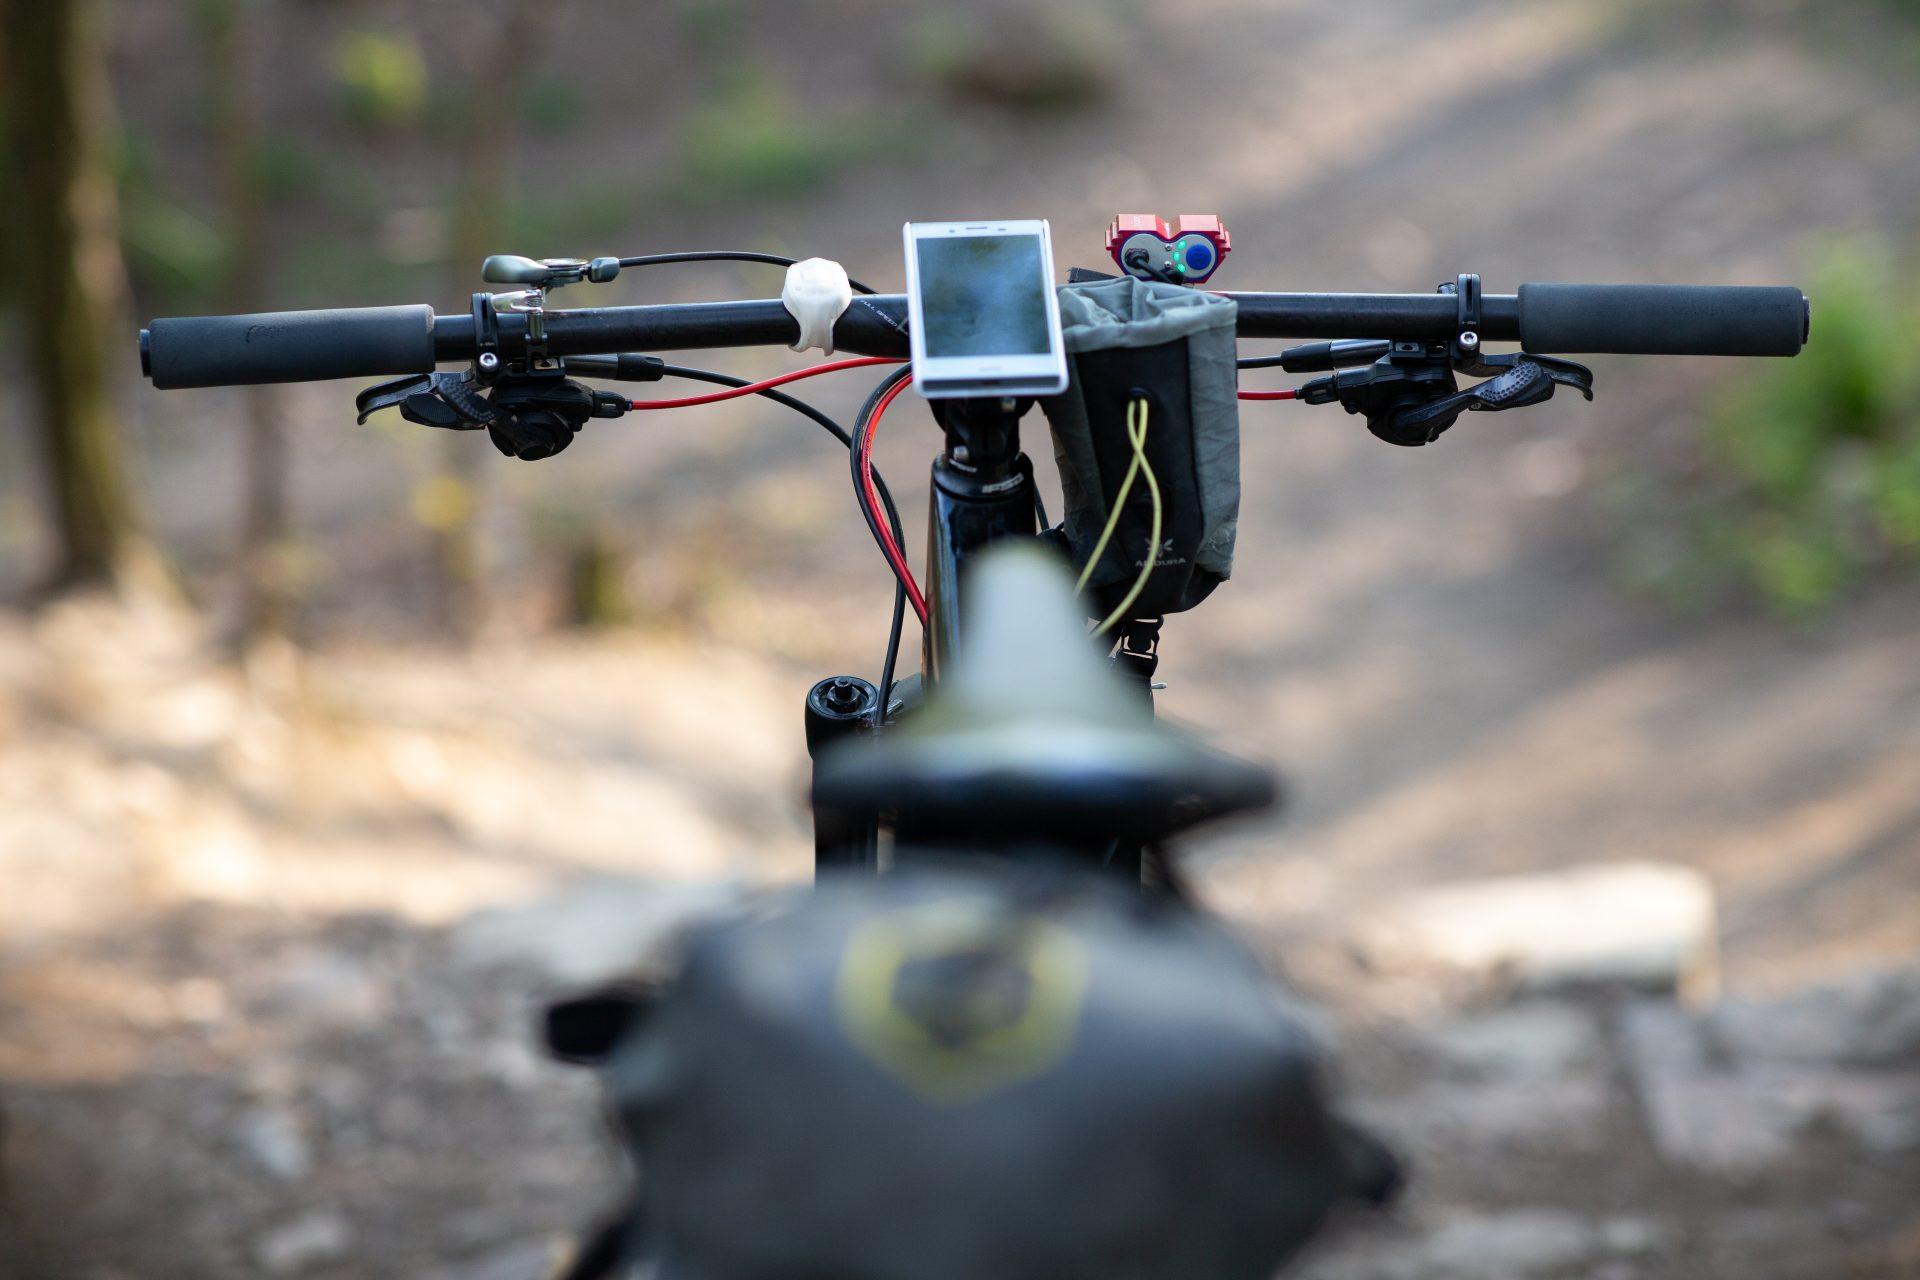 Telefon na řídítkách kola nachystaného pro bikepacking. Foto: Pavel Šťastný